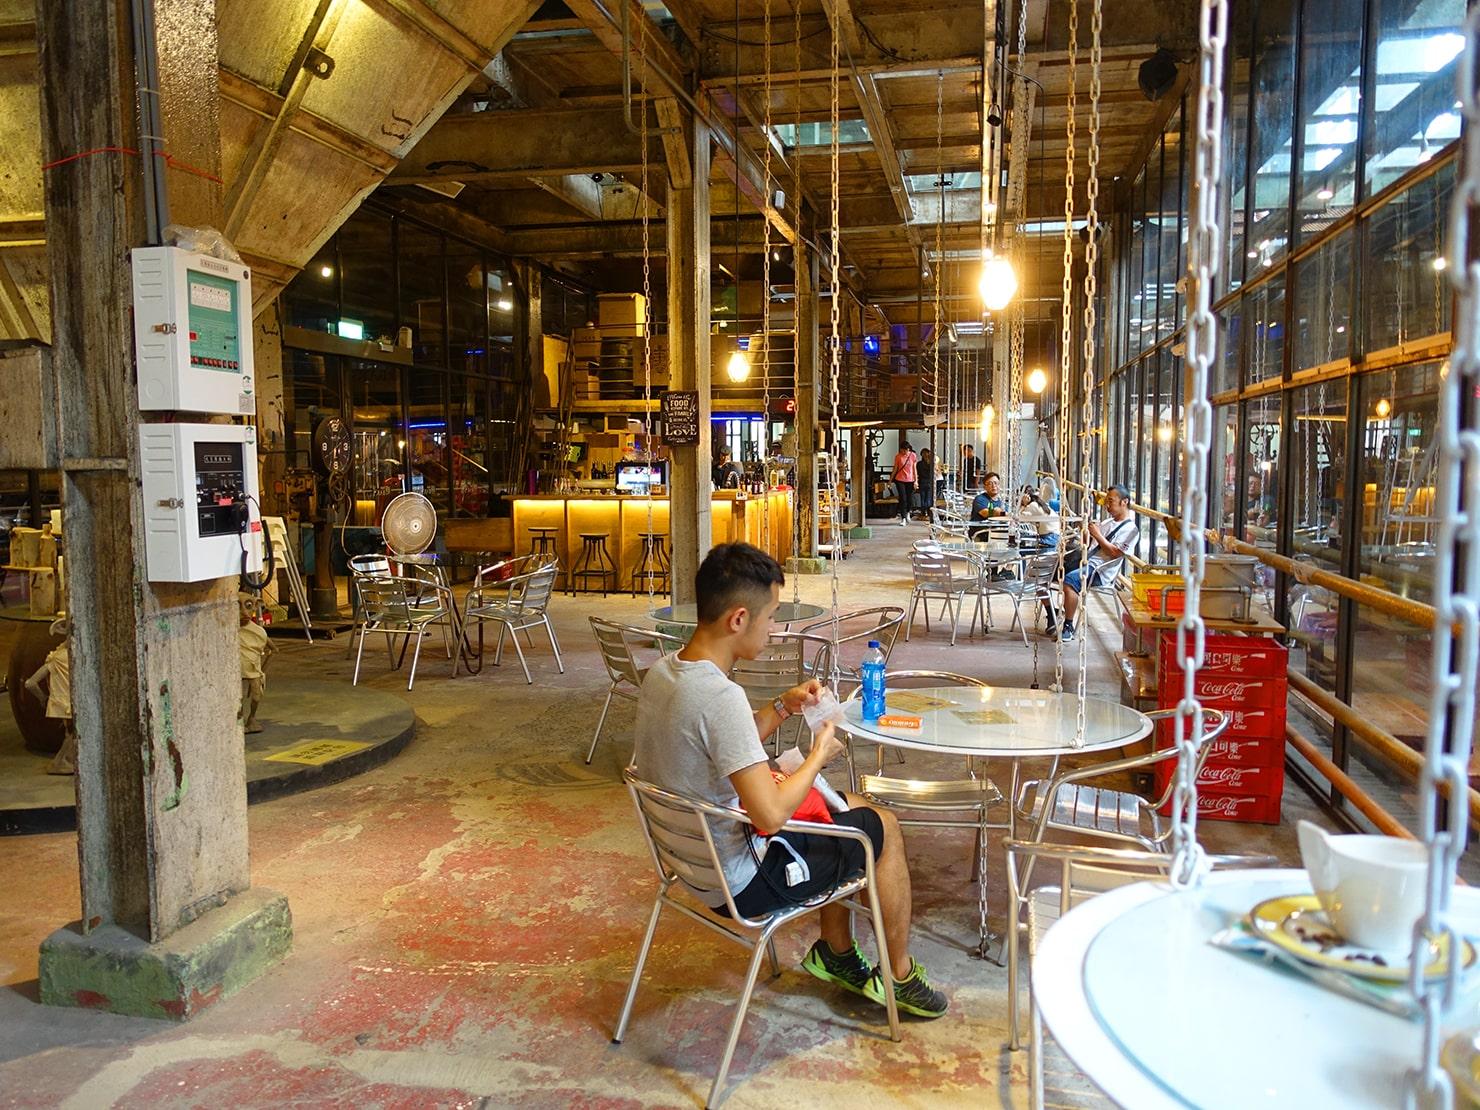 台南市街郊外のおすすめ観光スポット「十鼓仁糖文化園區」のカフェ